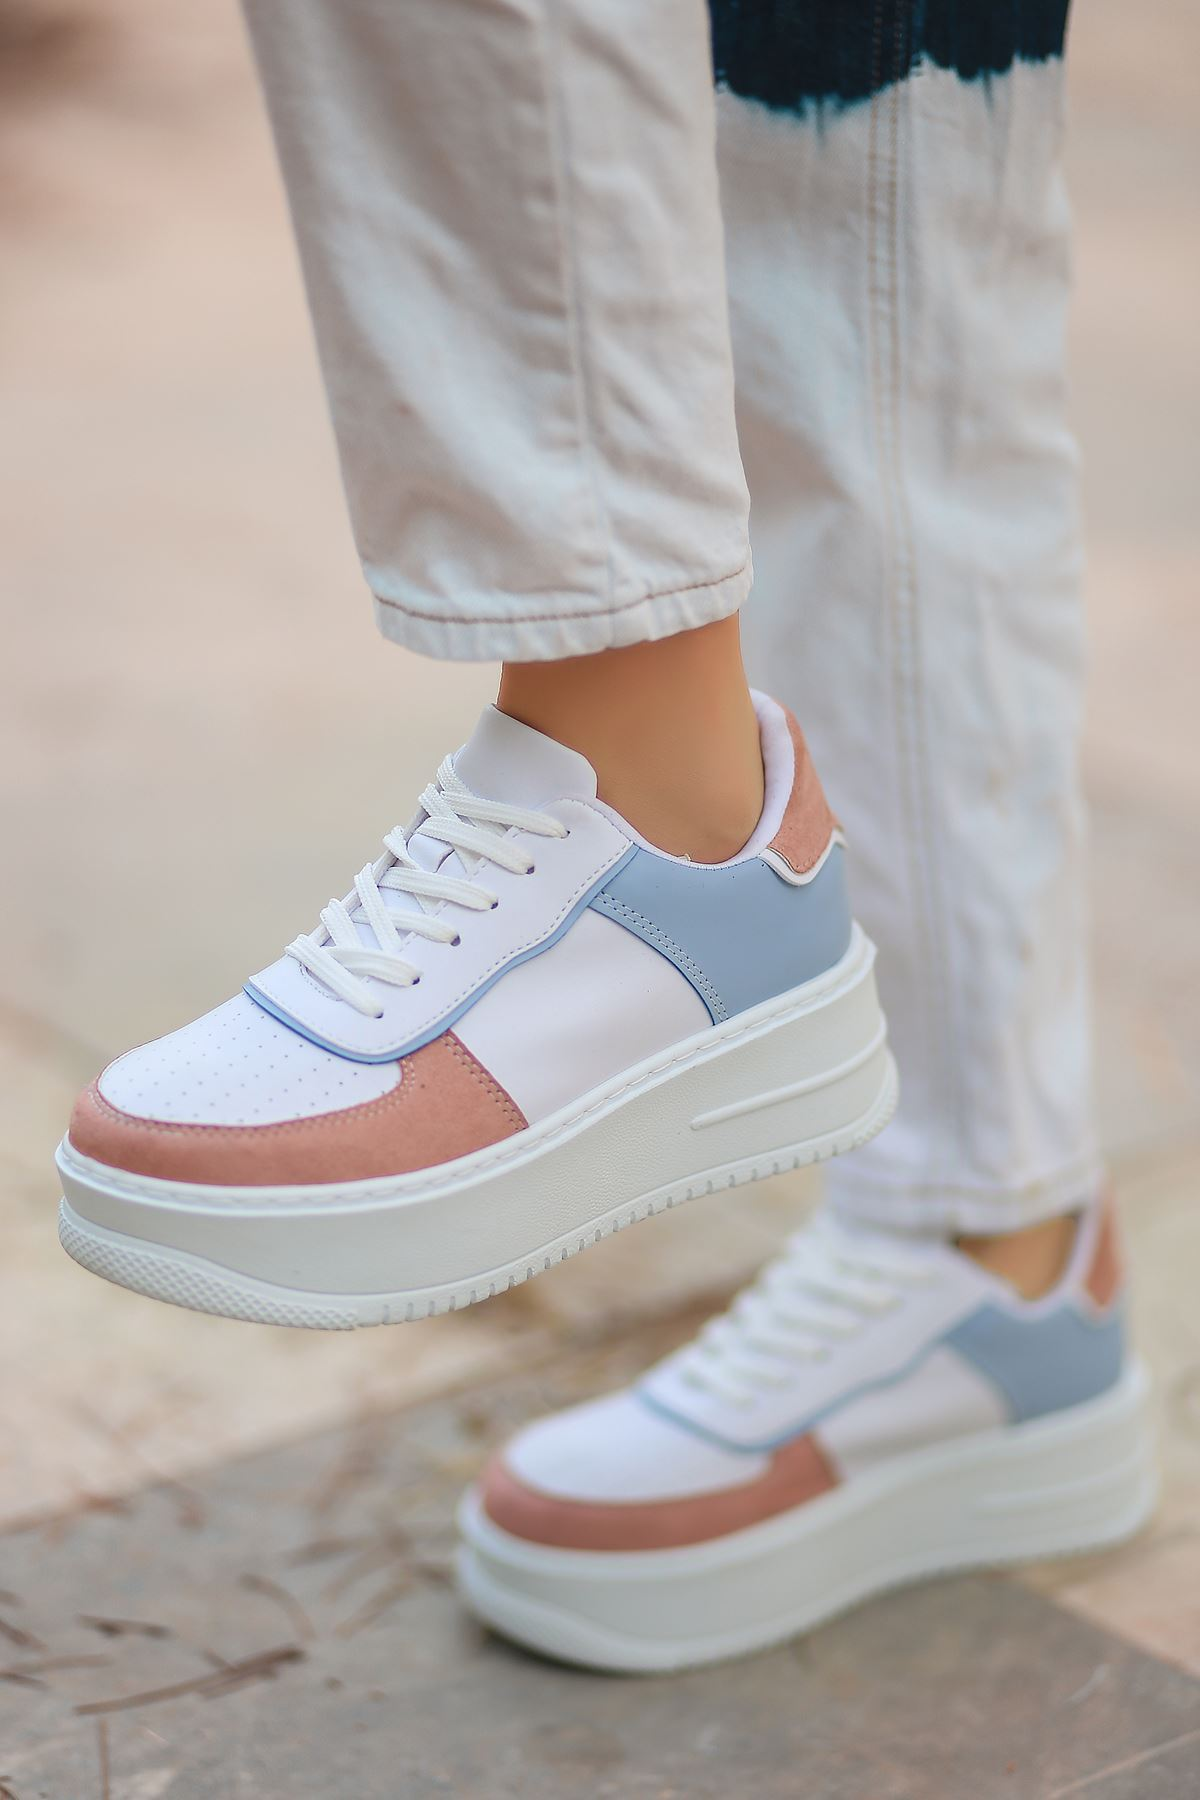 Rms Mat Deri Bağıcıklı Kadın Spor Ayakkabı Mavi